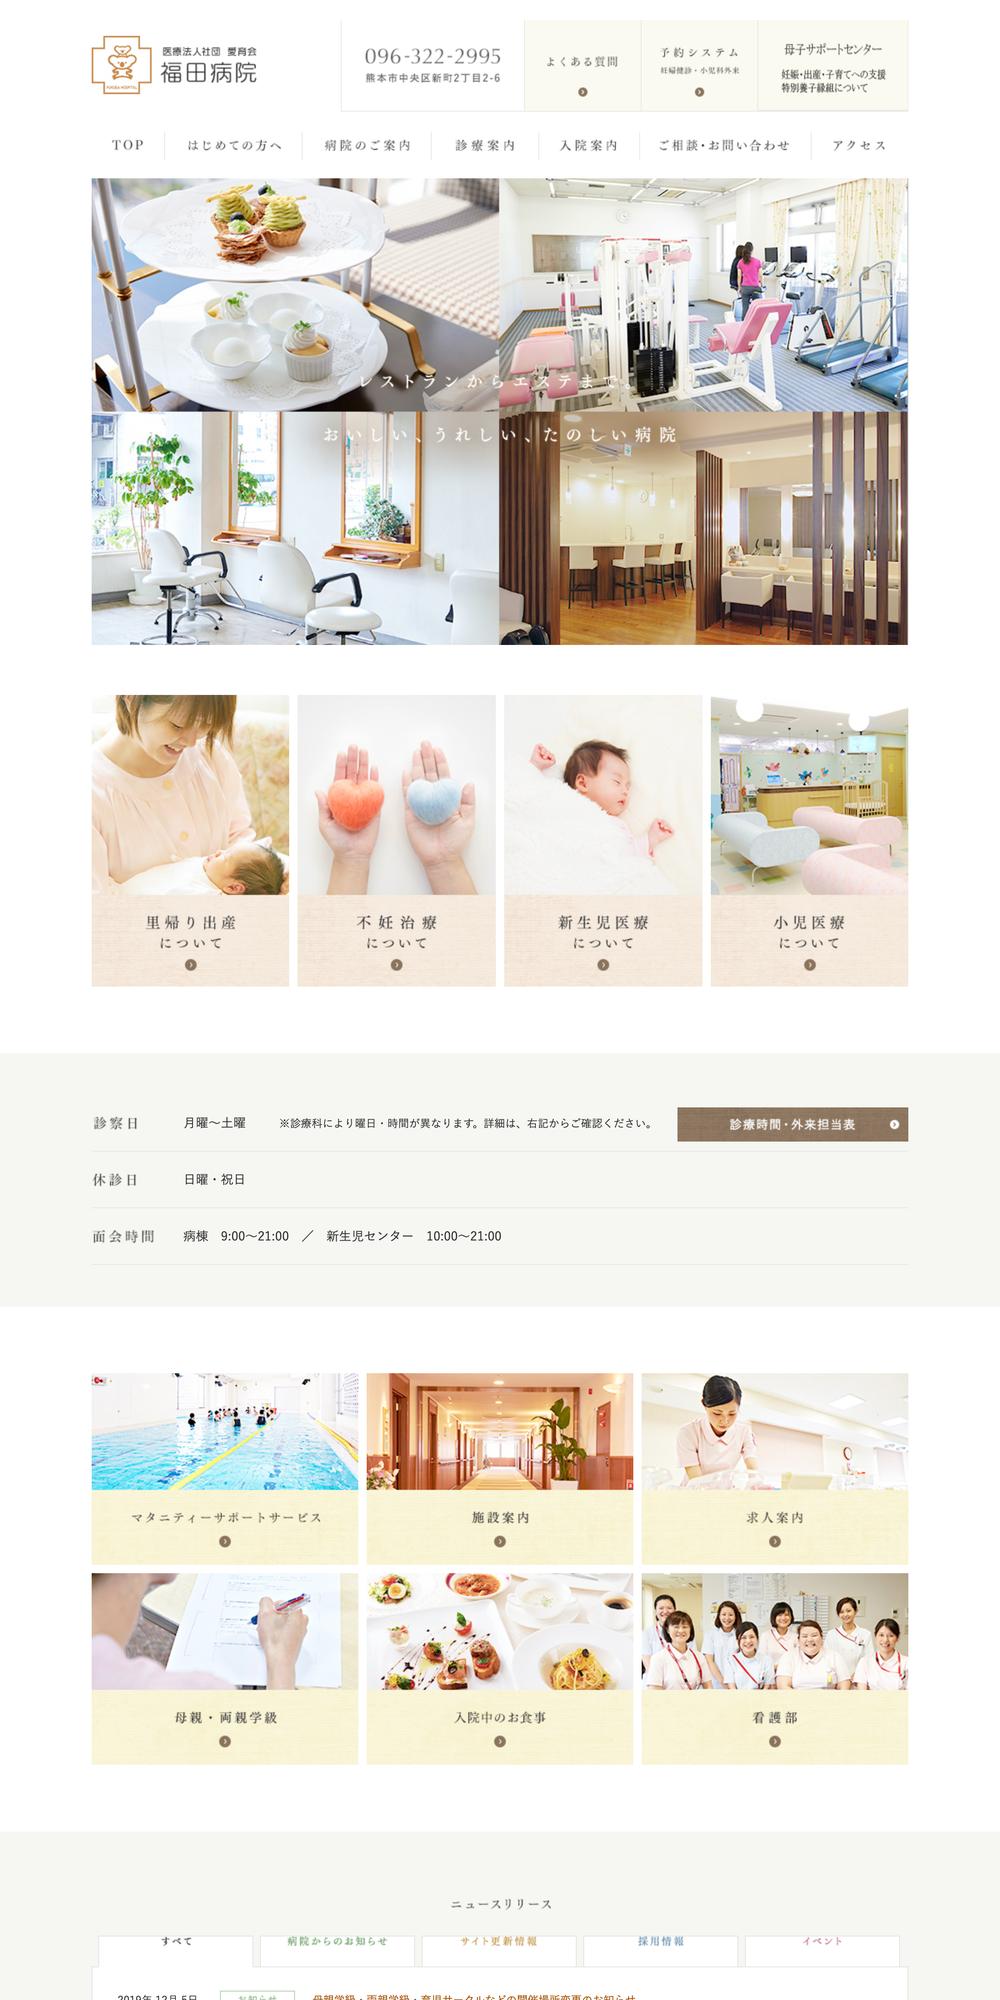 病院 クリニック おしゃれまとめの人気アイデア Pinterest Taro Sanko Lp デザイン 医療デザイン ウェブデザイン